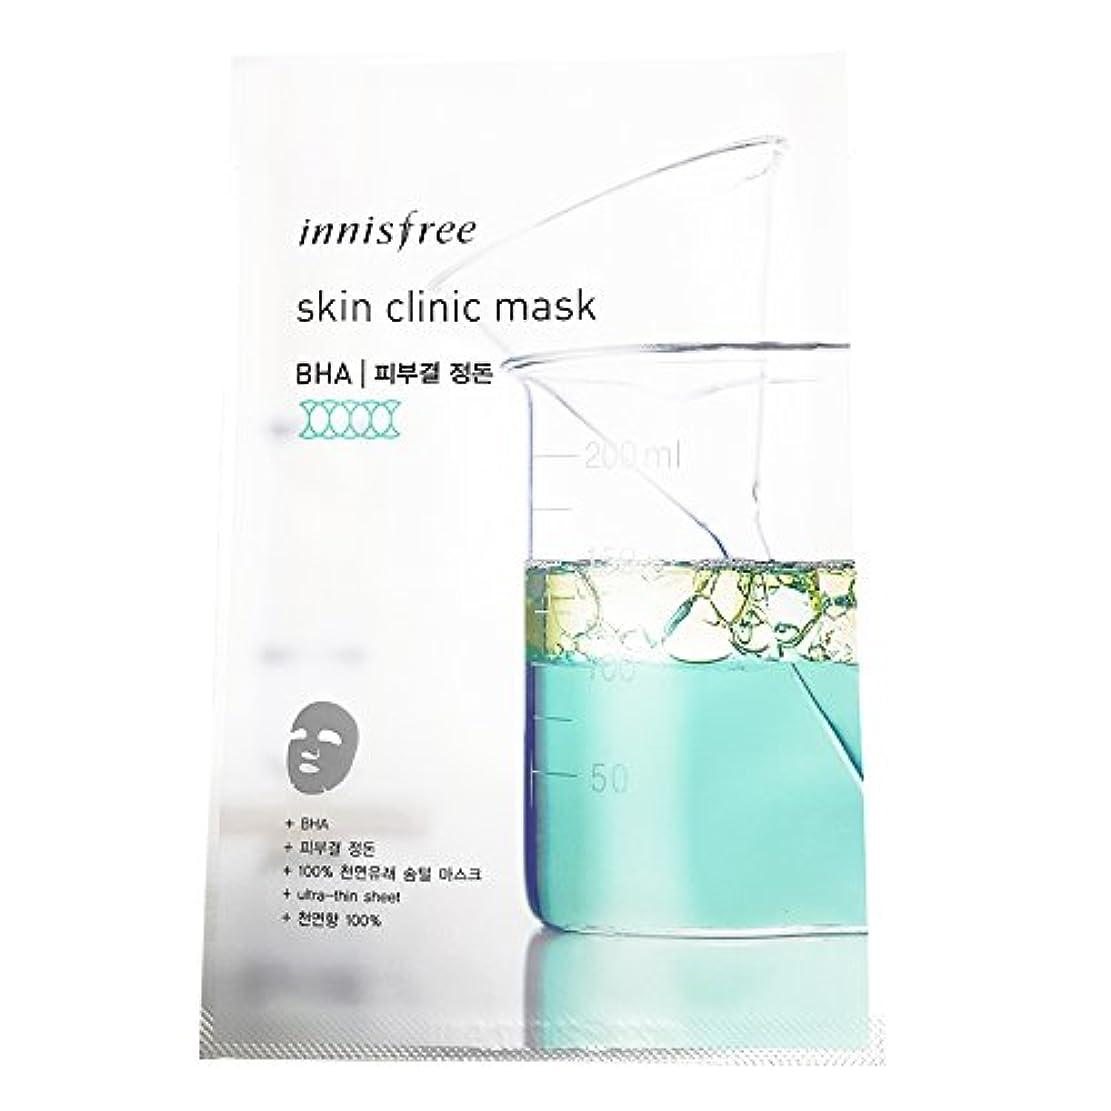 [イニスプリー] Innisfree スキンクリニックマスク(20ml)-BHA(肌別整頓) Innisfree Skin Clinic Mask(20ml)-BHA [海外直送品]